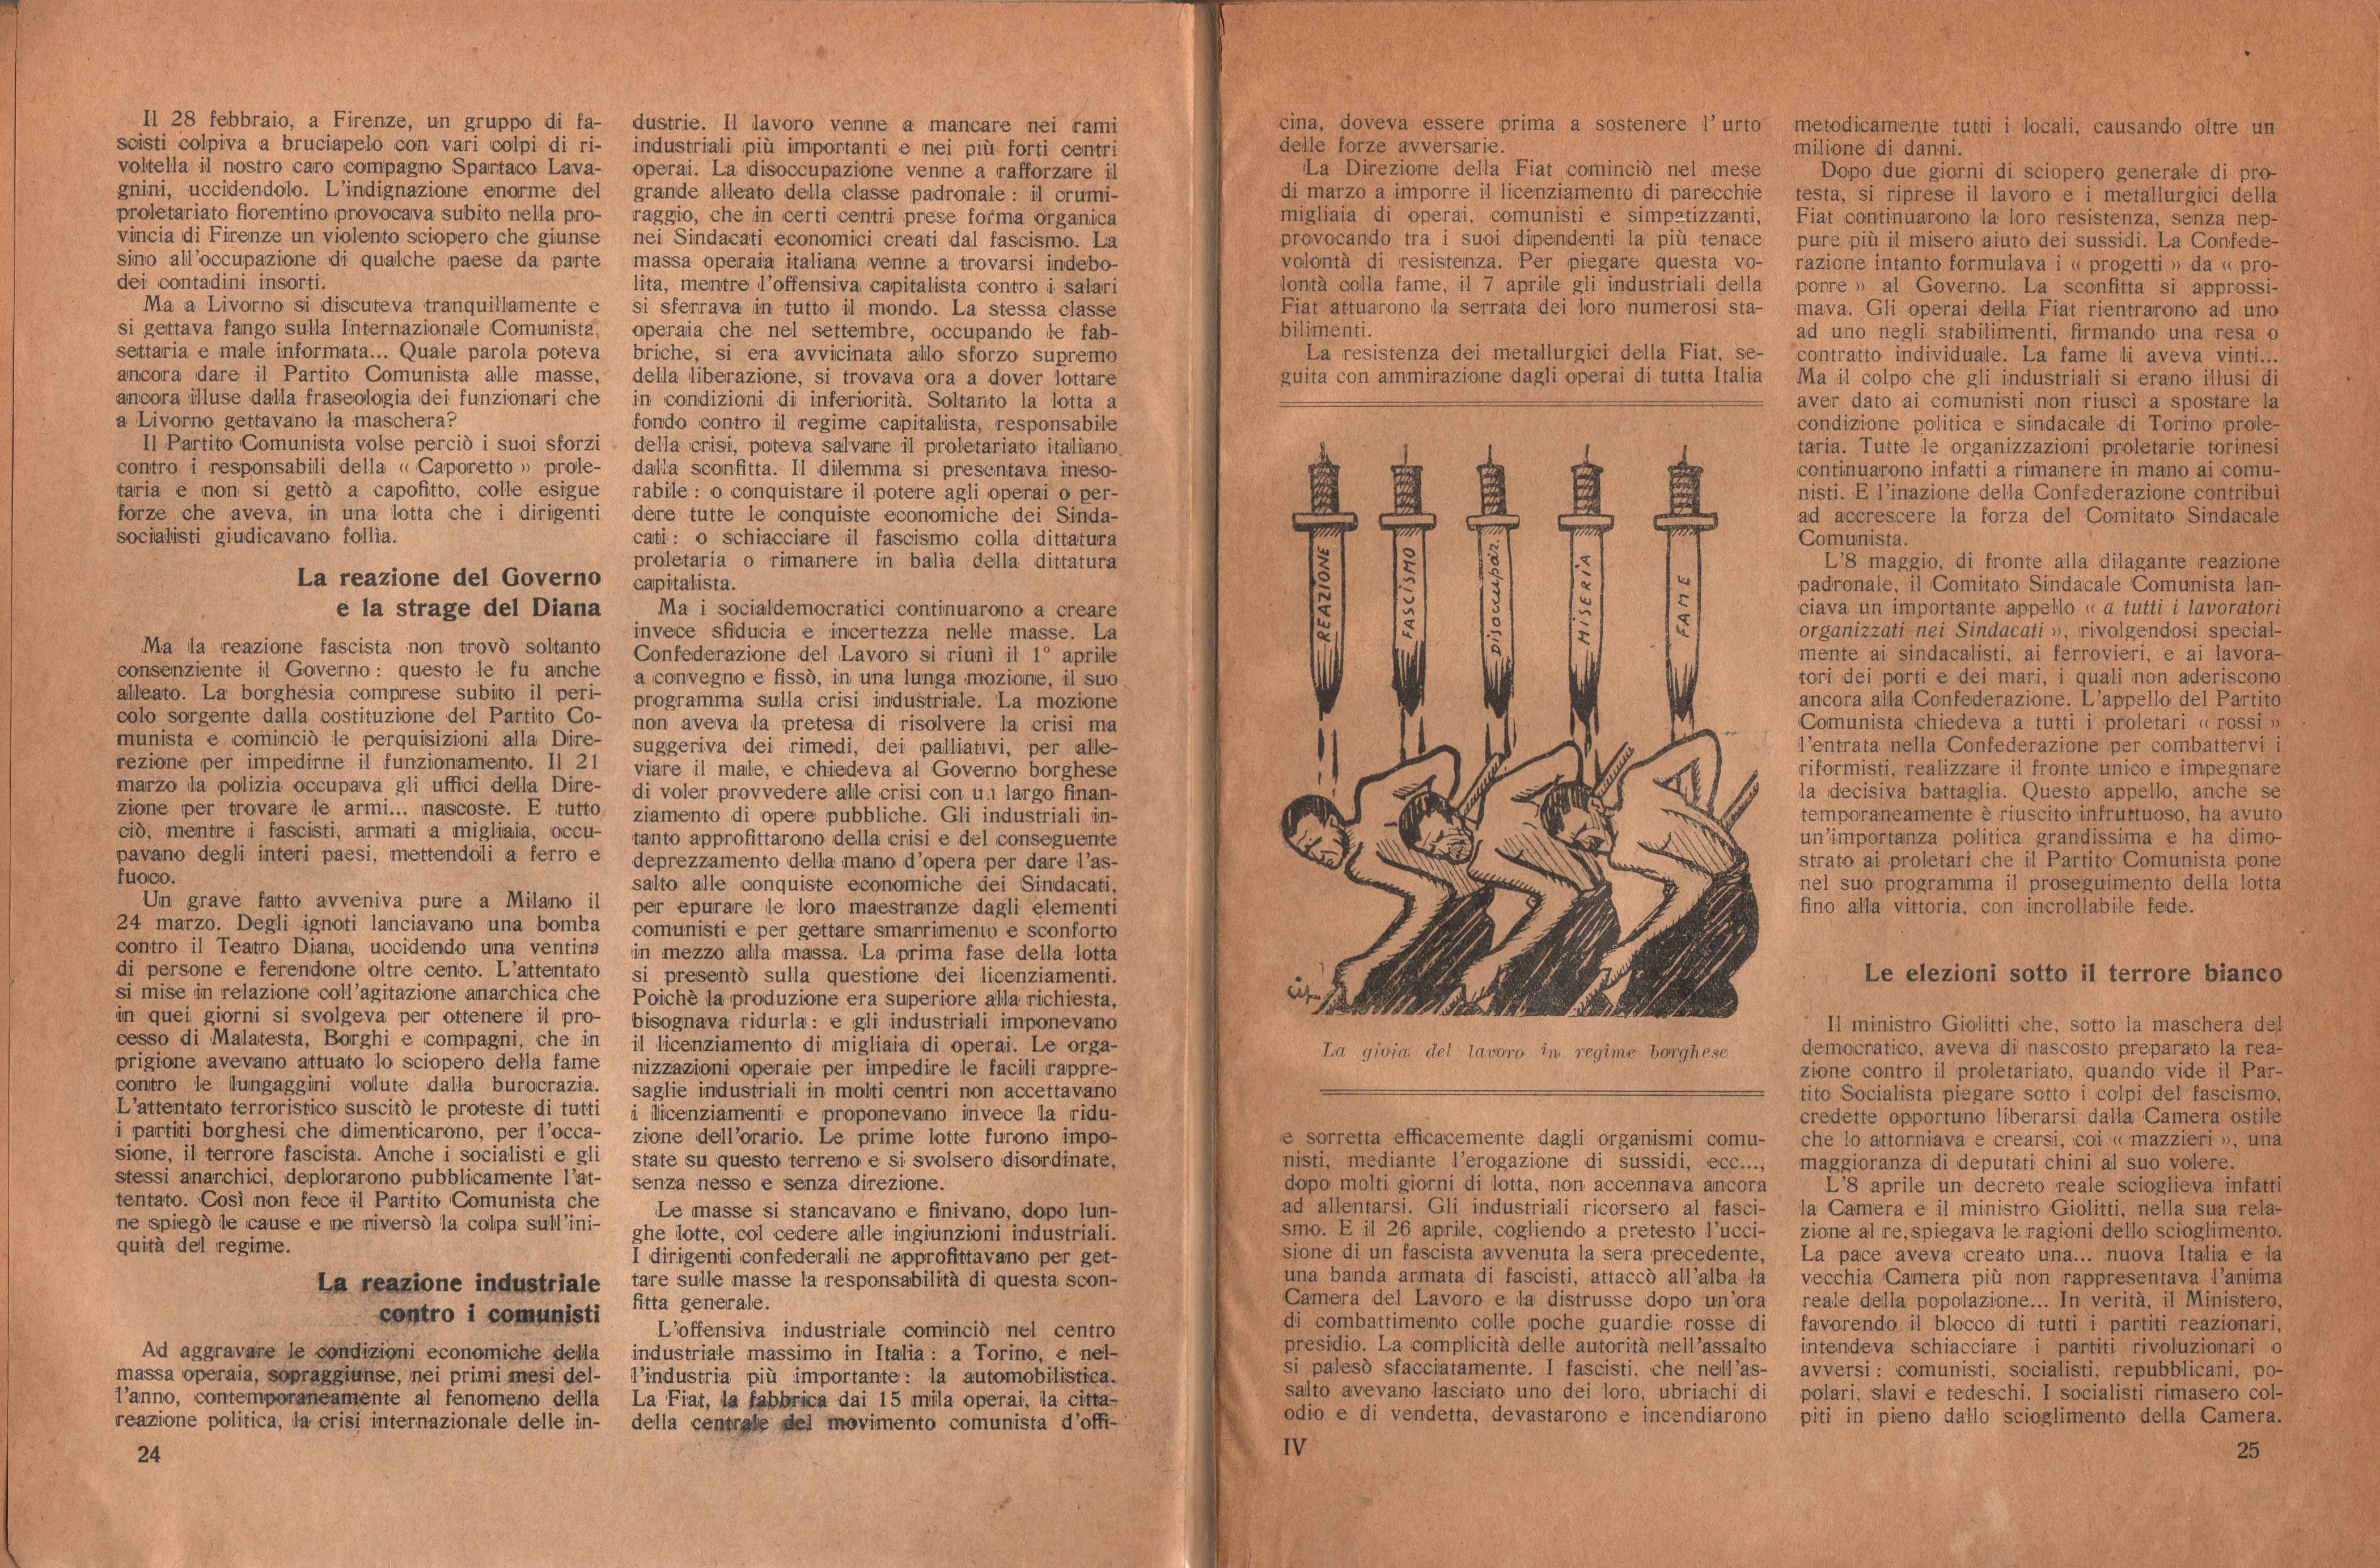 Almanacco comunista 1922 - pag. 15